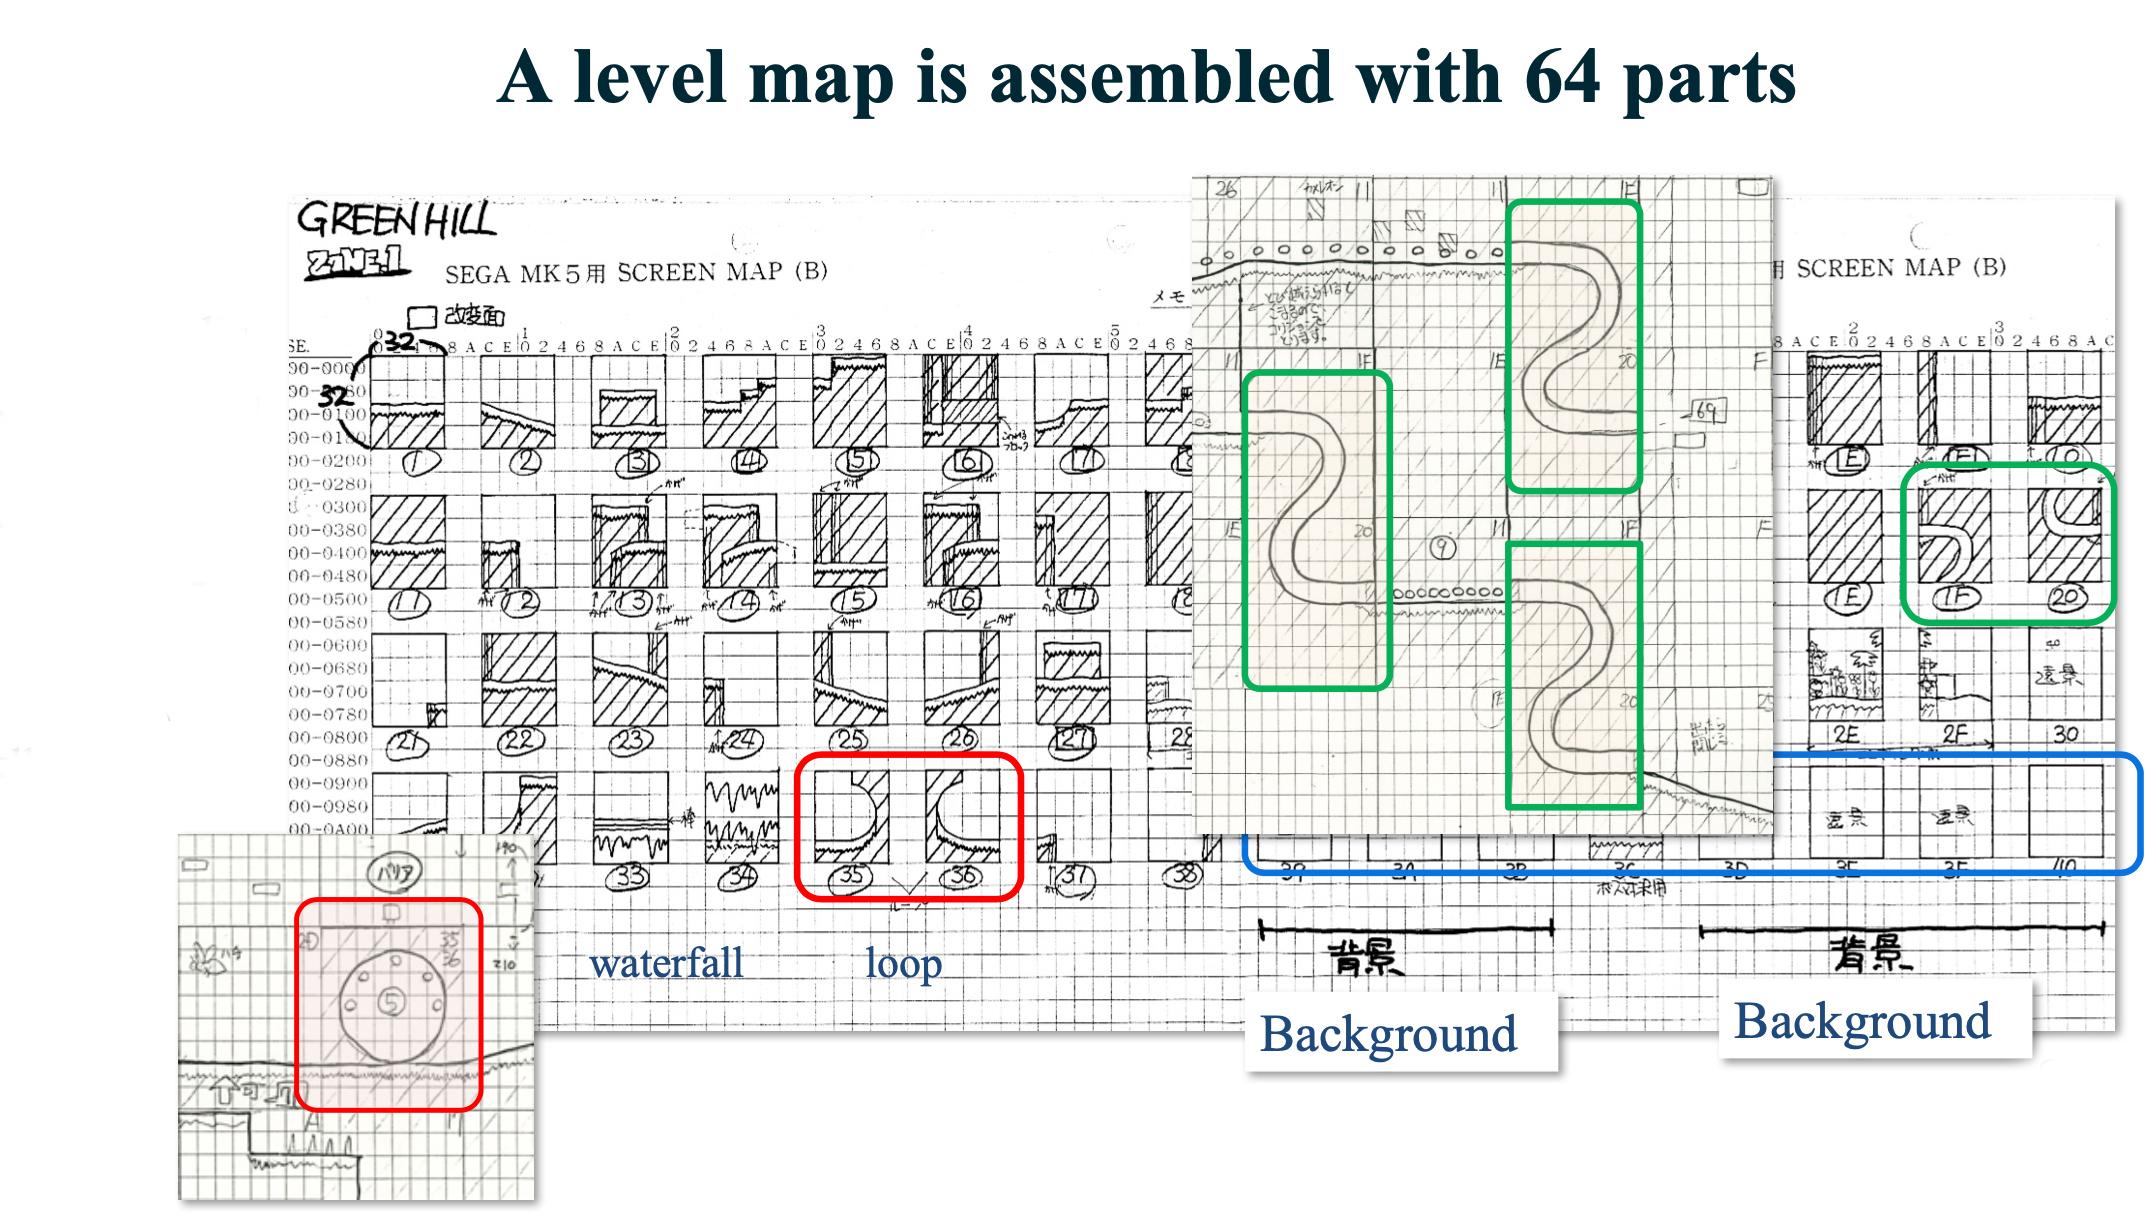 Original Sonic level design